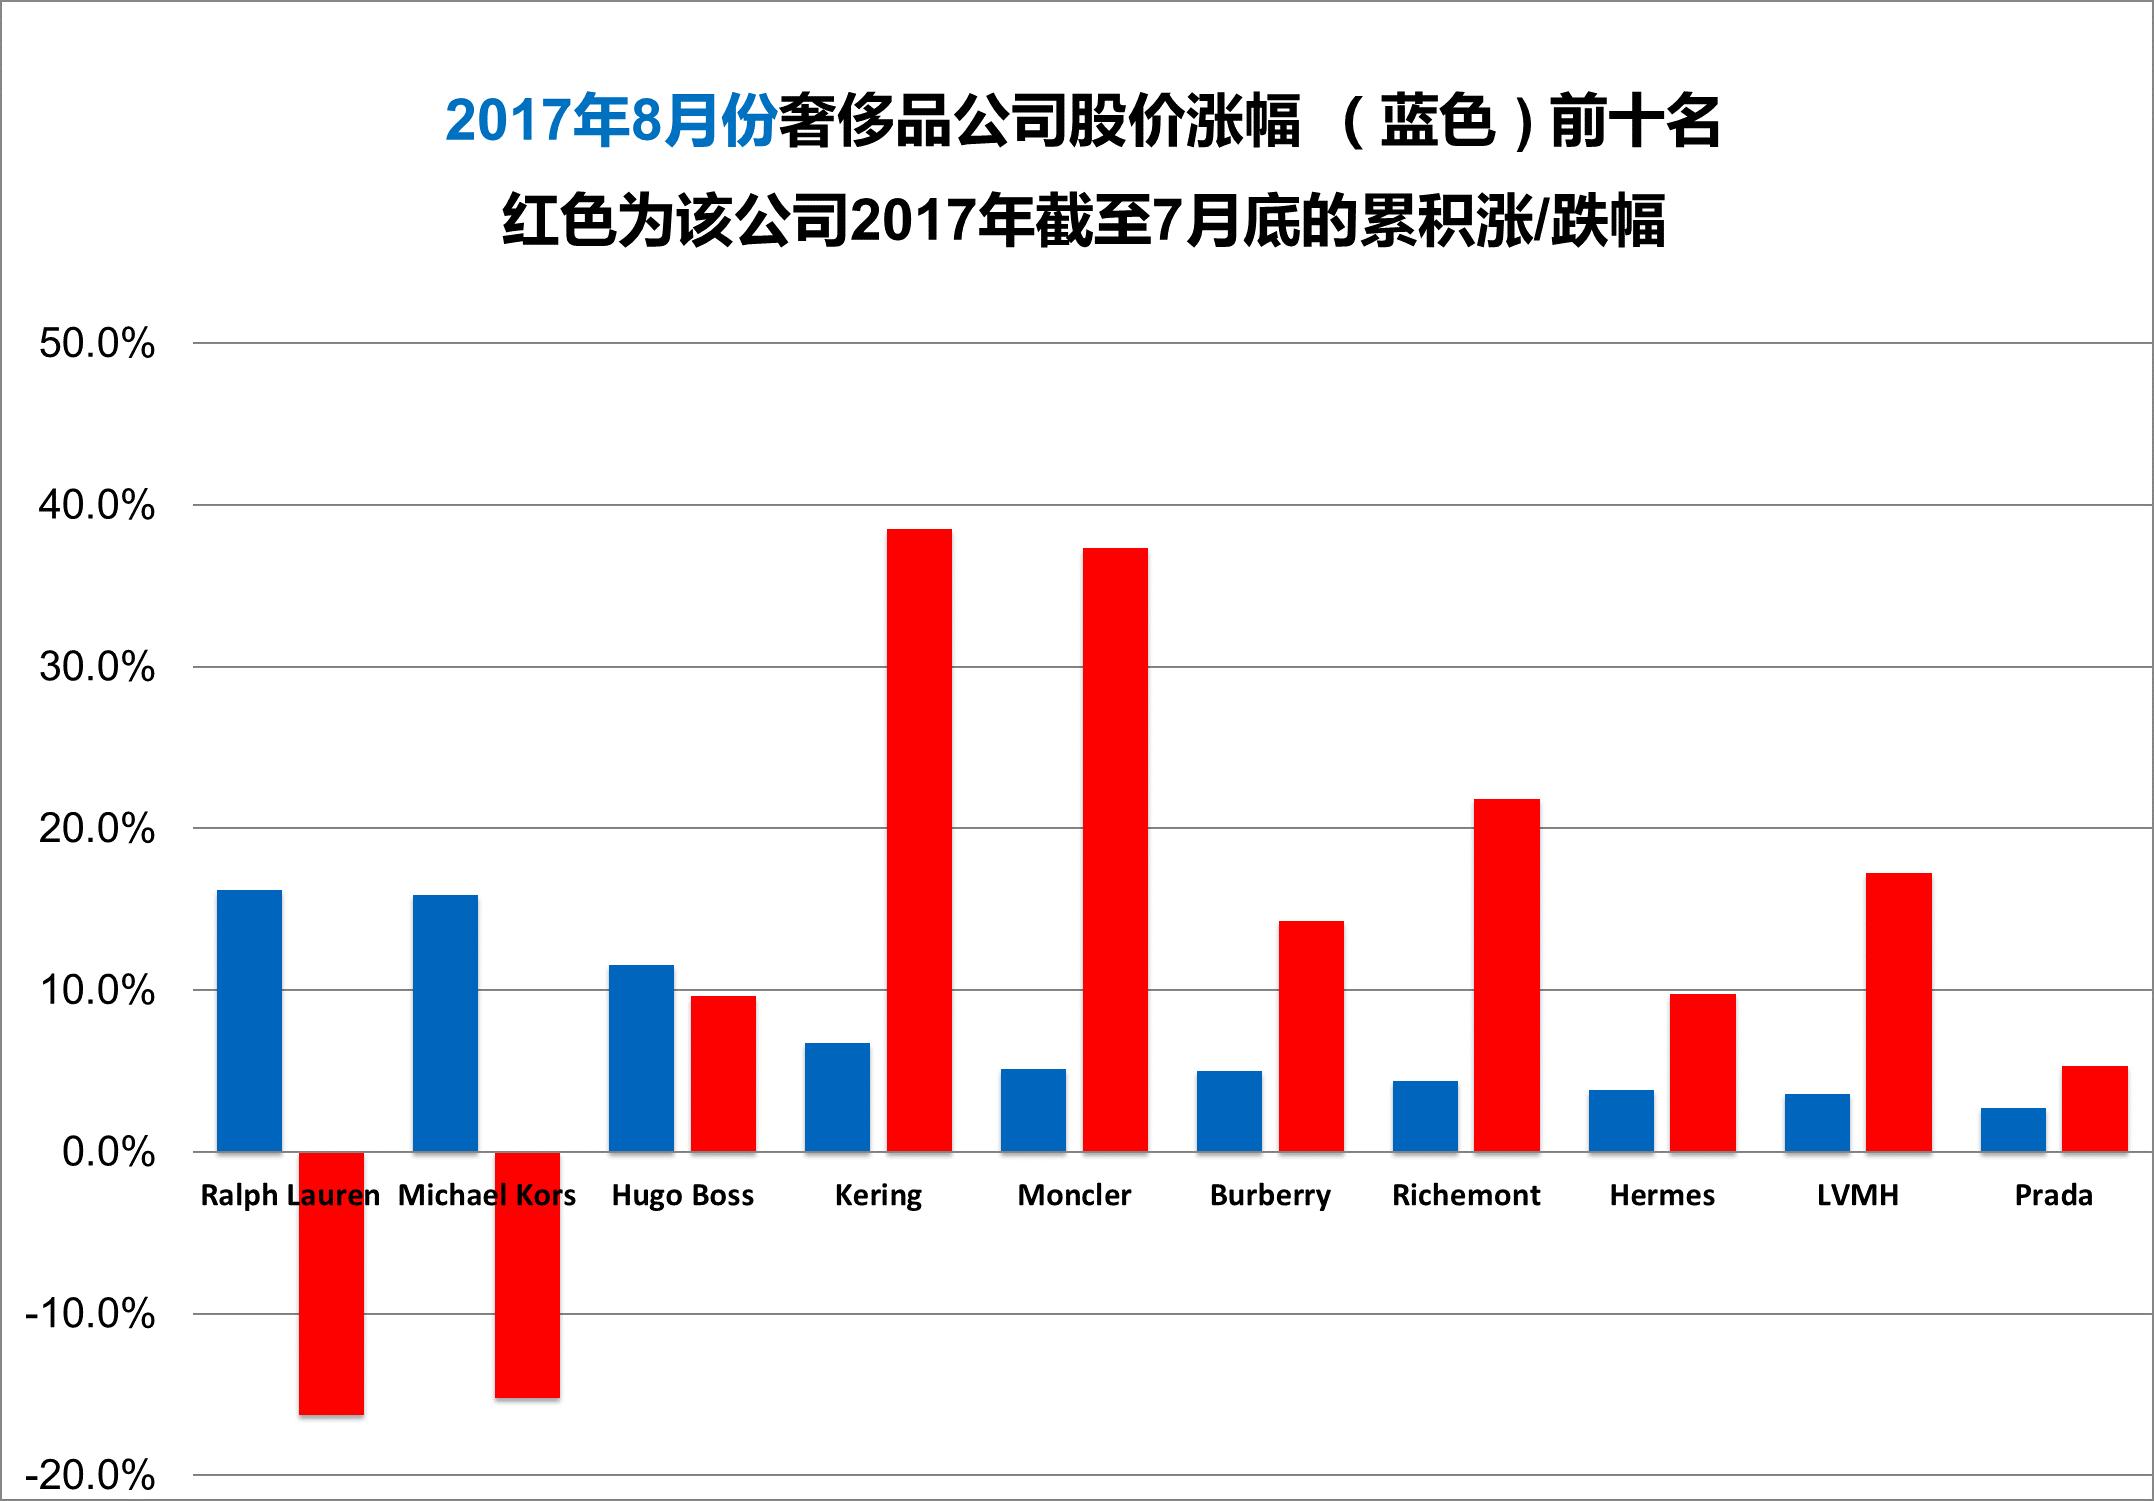 《华丽志》奢侈品股票月度排行榜(2017年8月)